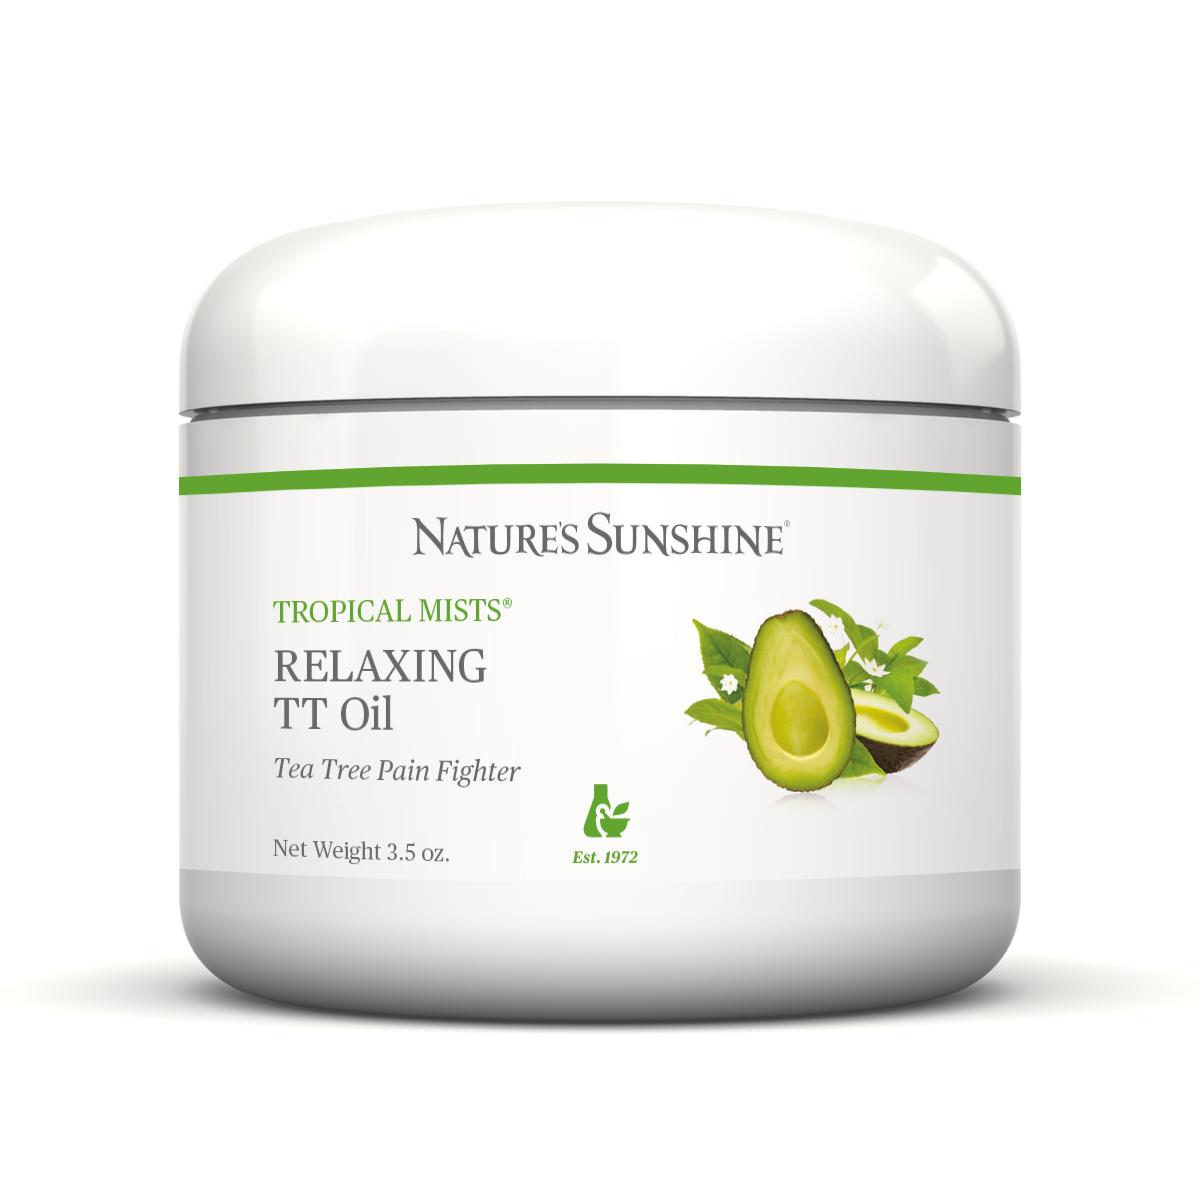 Картинка Обезболивающее и расслабляющее масло / Relaxing TT Oil от магазина Nature's Sunshine Products